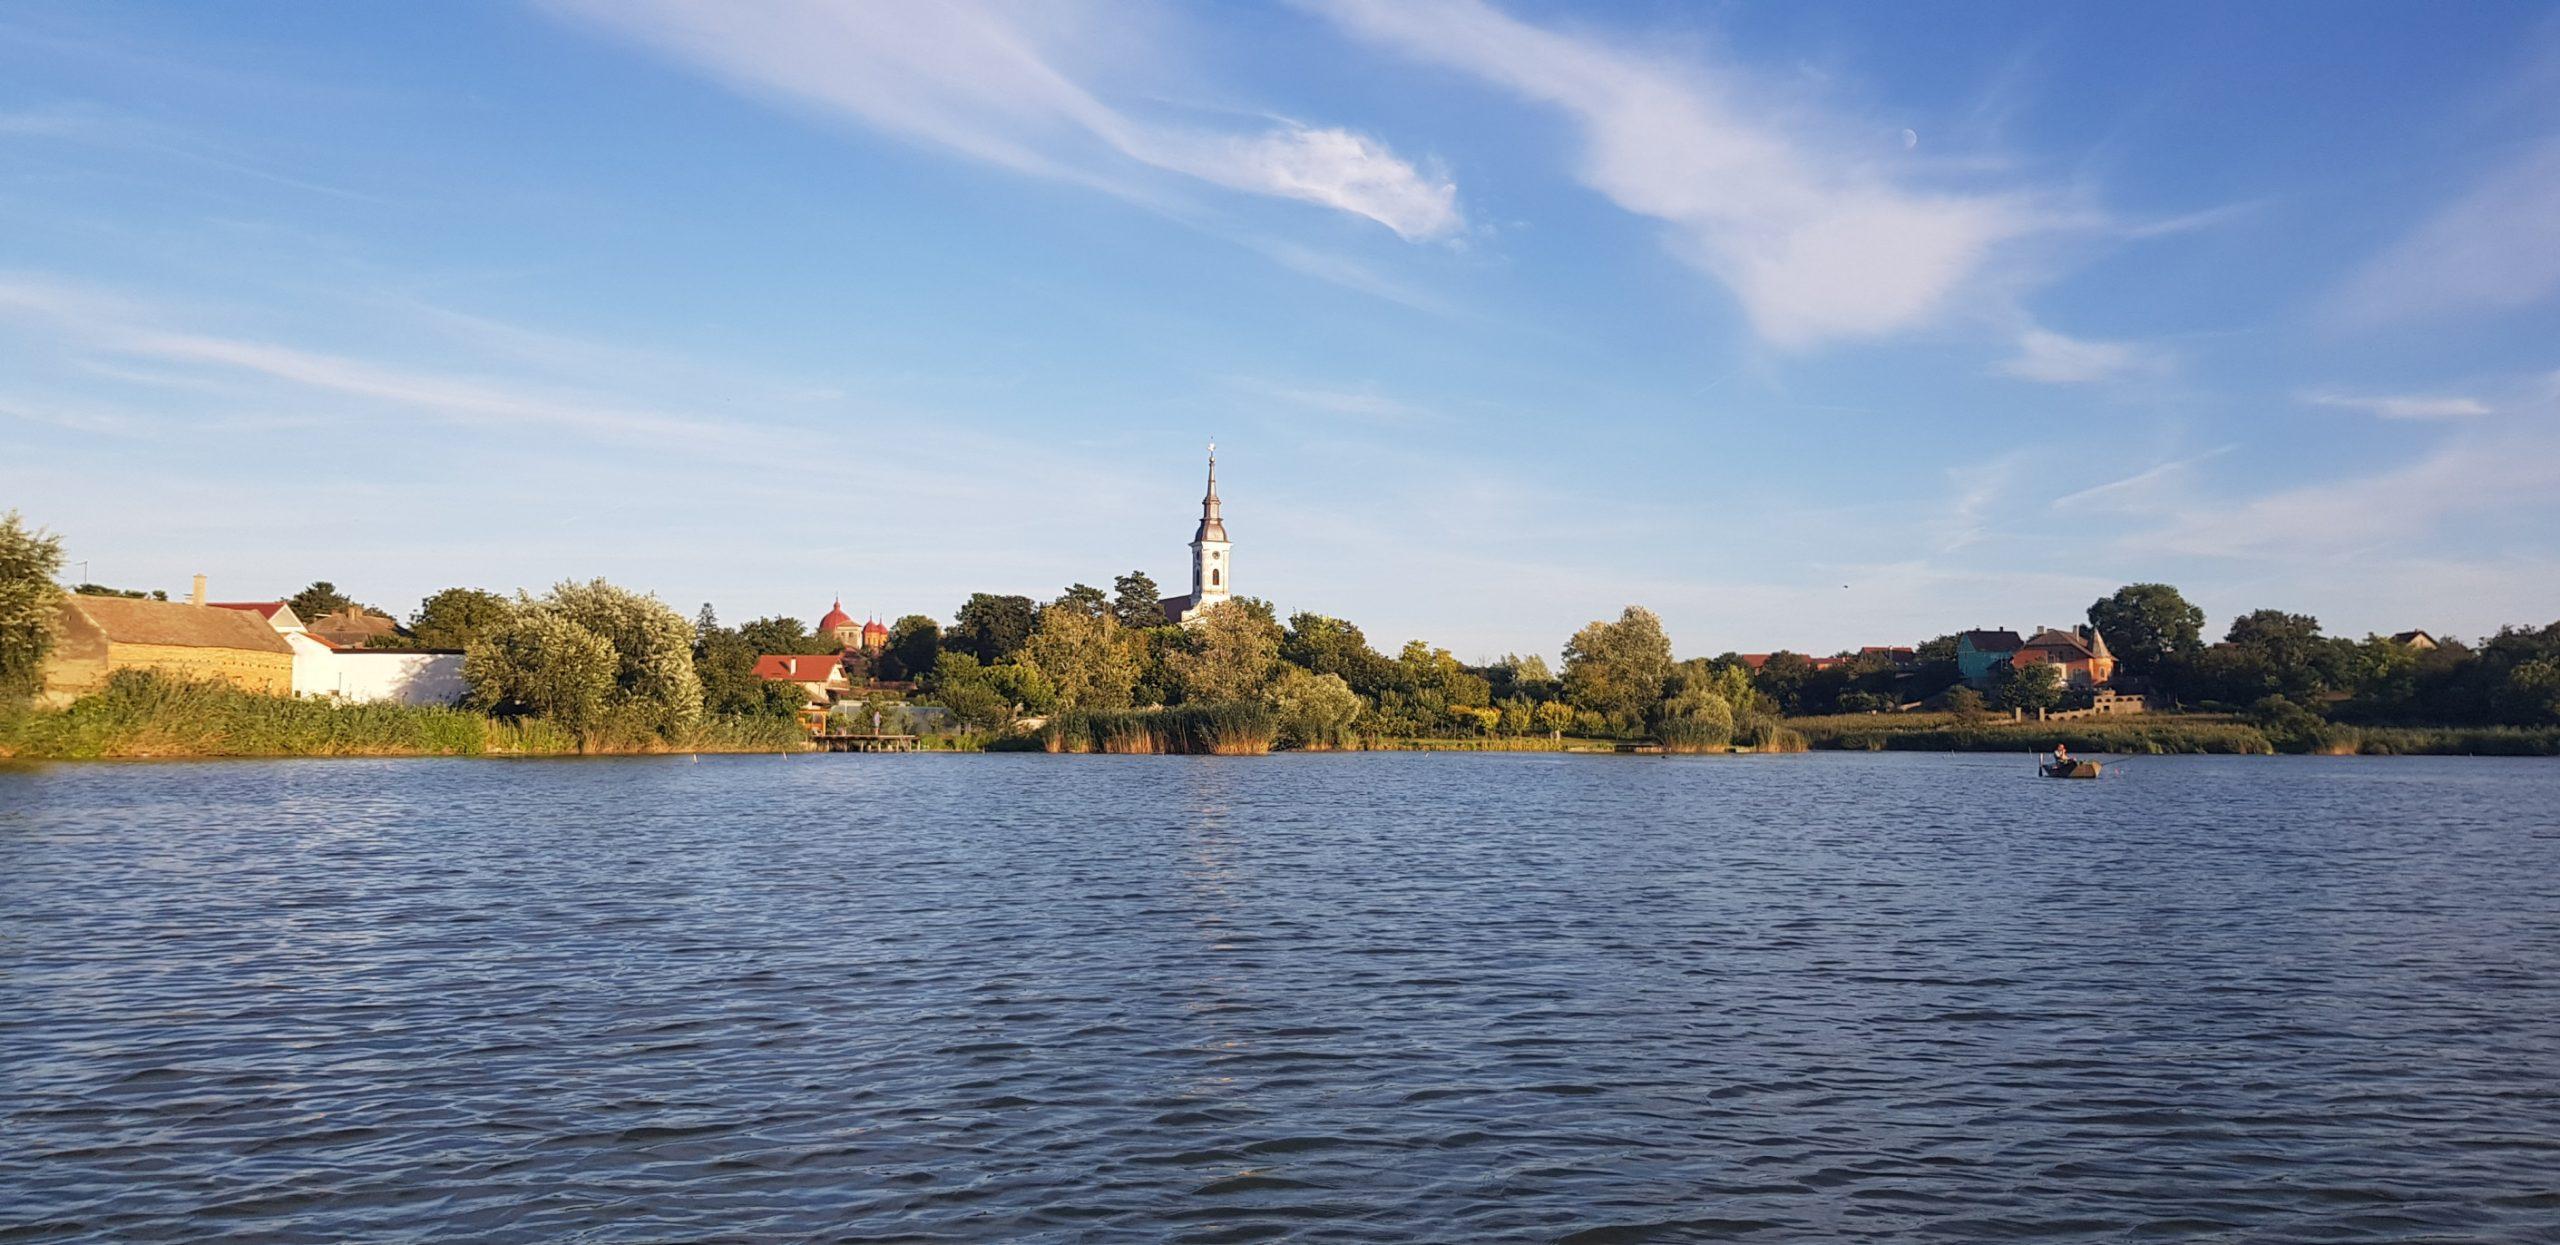 Lokacija (jezero in v ozdaju drevesa in hiše).